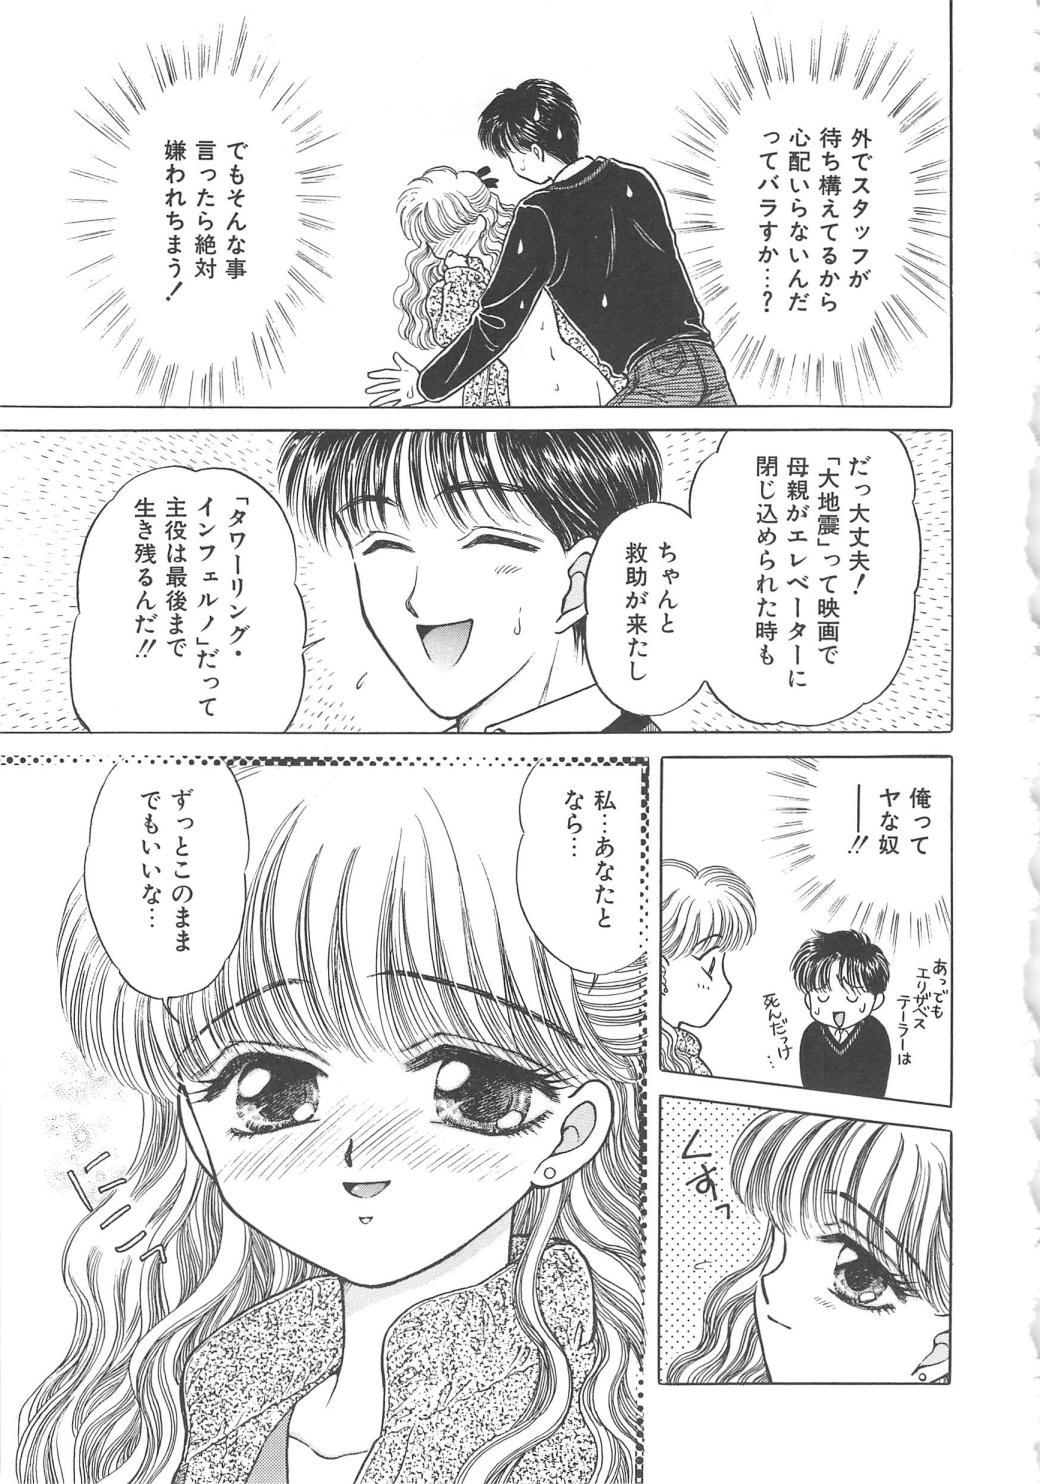 Shojyo Koutan 142